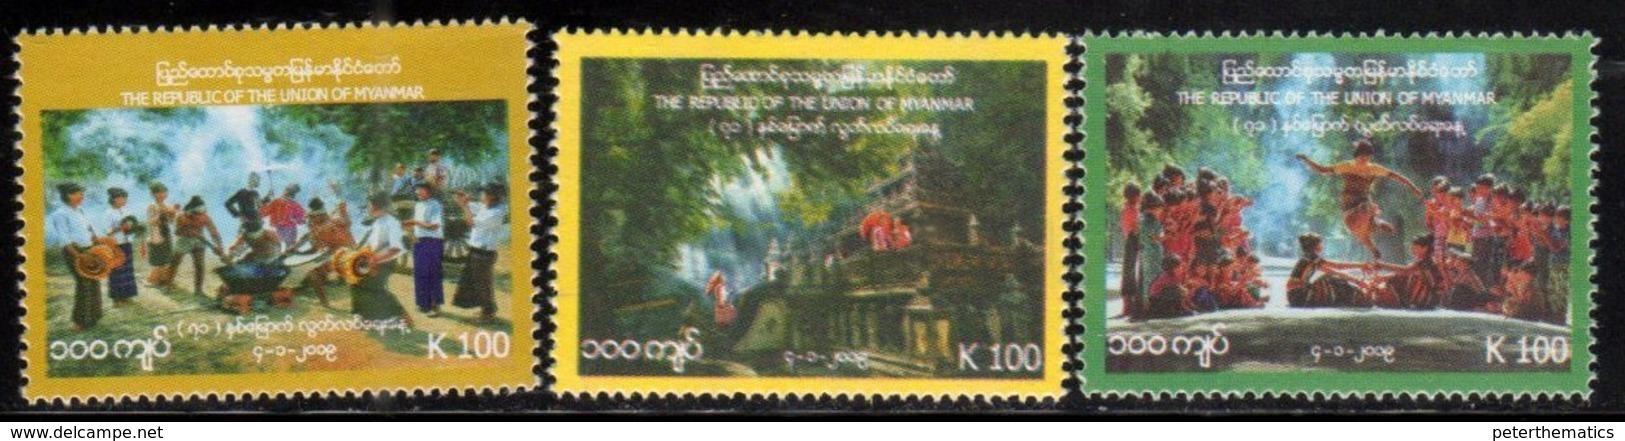 MYANMAR, 2018, MNH, INDEPENDENCE DAY, TEMPLES, DANCES, FESTIVALS, 3v - Celebrations